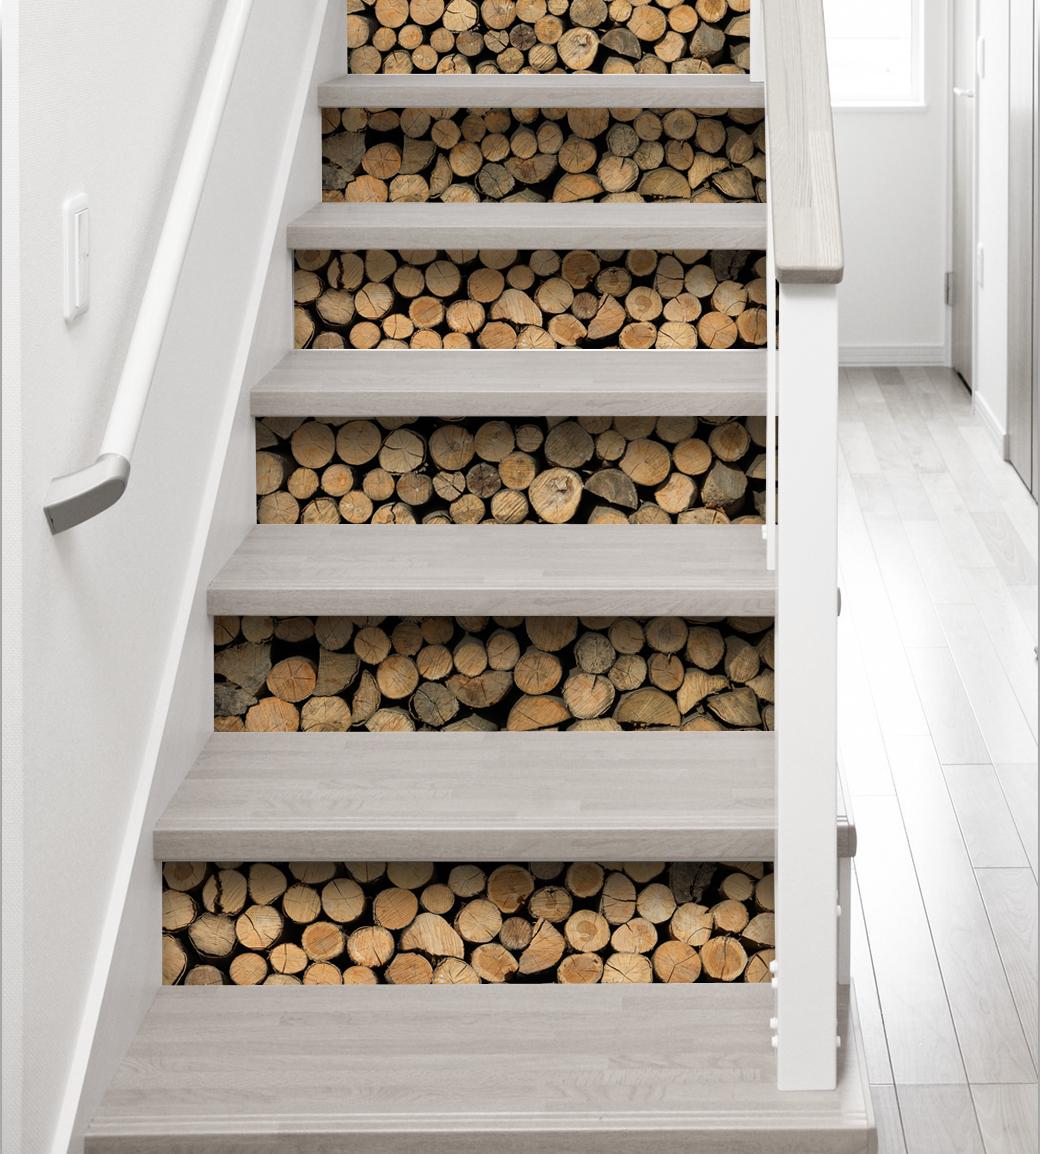 contremarches adh sives rondins de bois contremarches bois en trompe l 39 oeil stickers. Black Bedroom Furniture Sets. Home Design Ideas